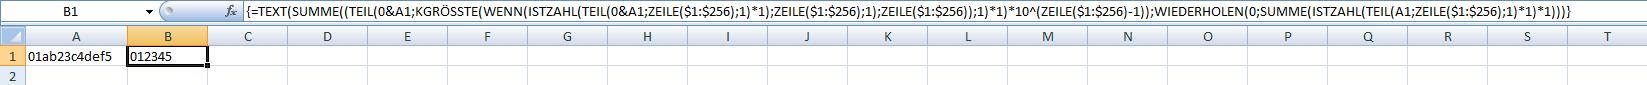 03-excel-formeln-zahl-trennen-irgendwo-fuehrende-null-470.png?nocache=1308271446302